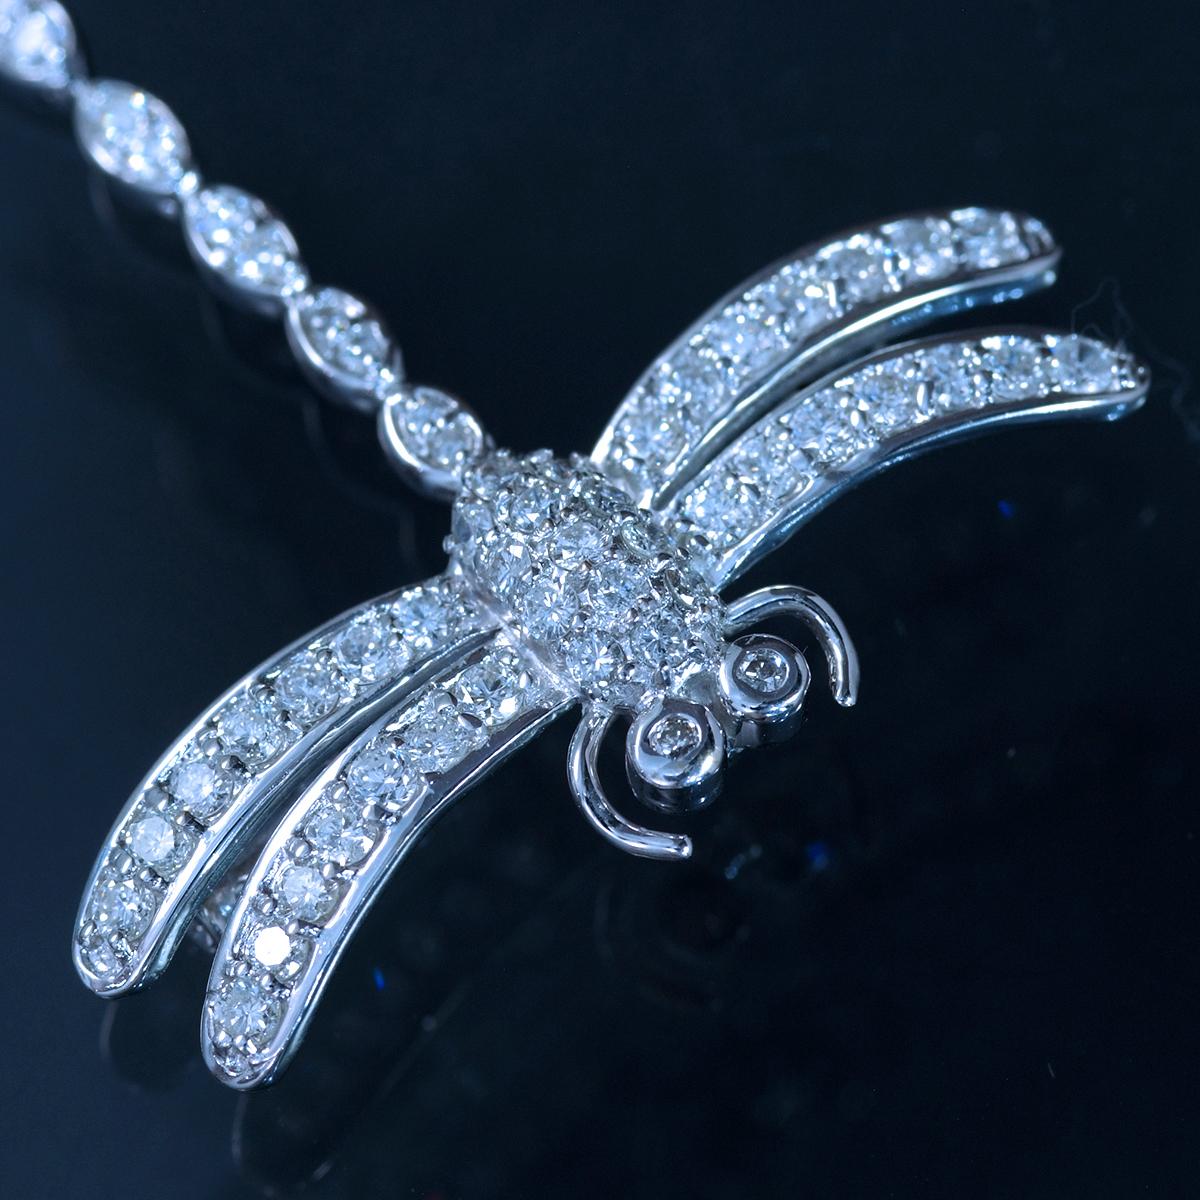 E9969【dragonfly】トンボ 美しい天然ダイヤモンド1.11ct 最高級18金/14金WG無垢ブローチ/ペンダントトップ 重量4.91g 幅37.4×34.0mm_画像3